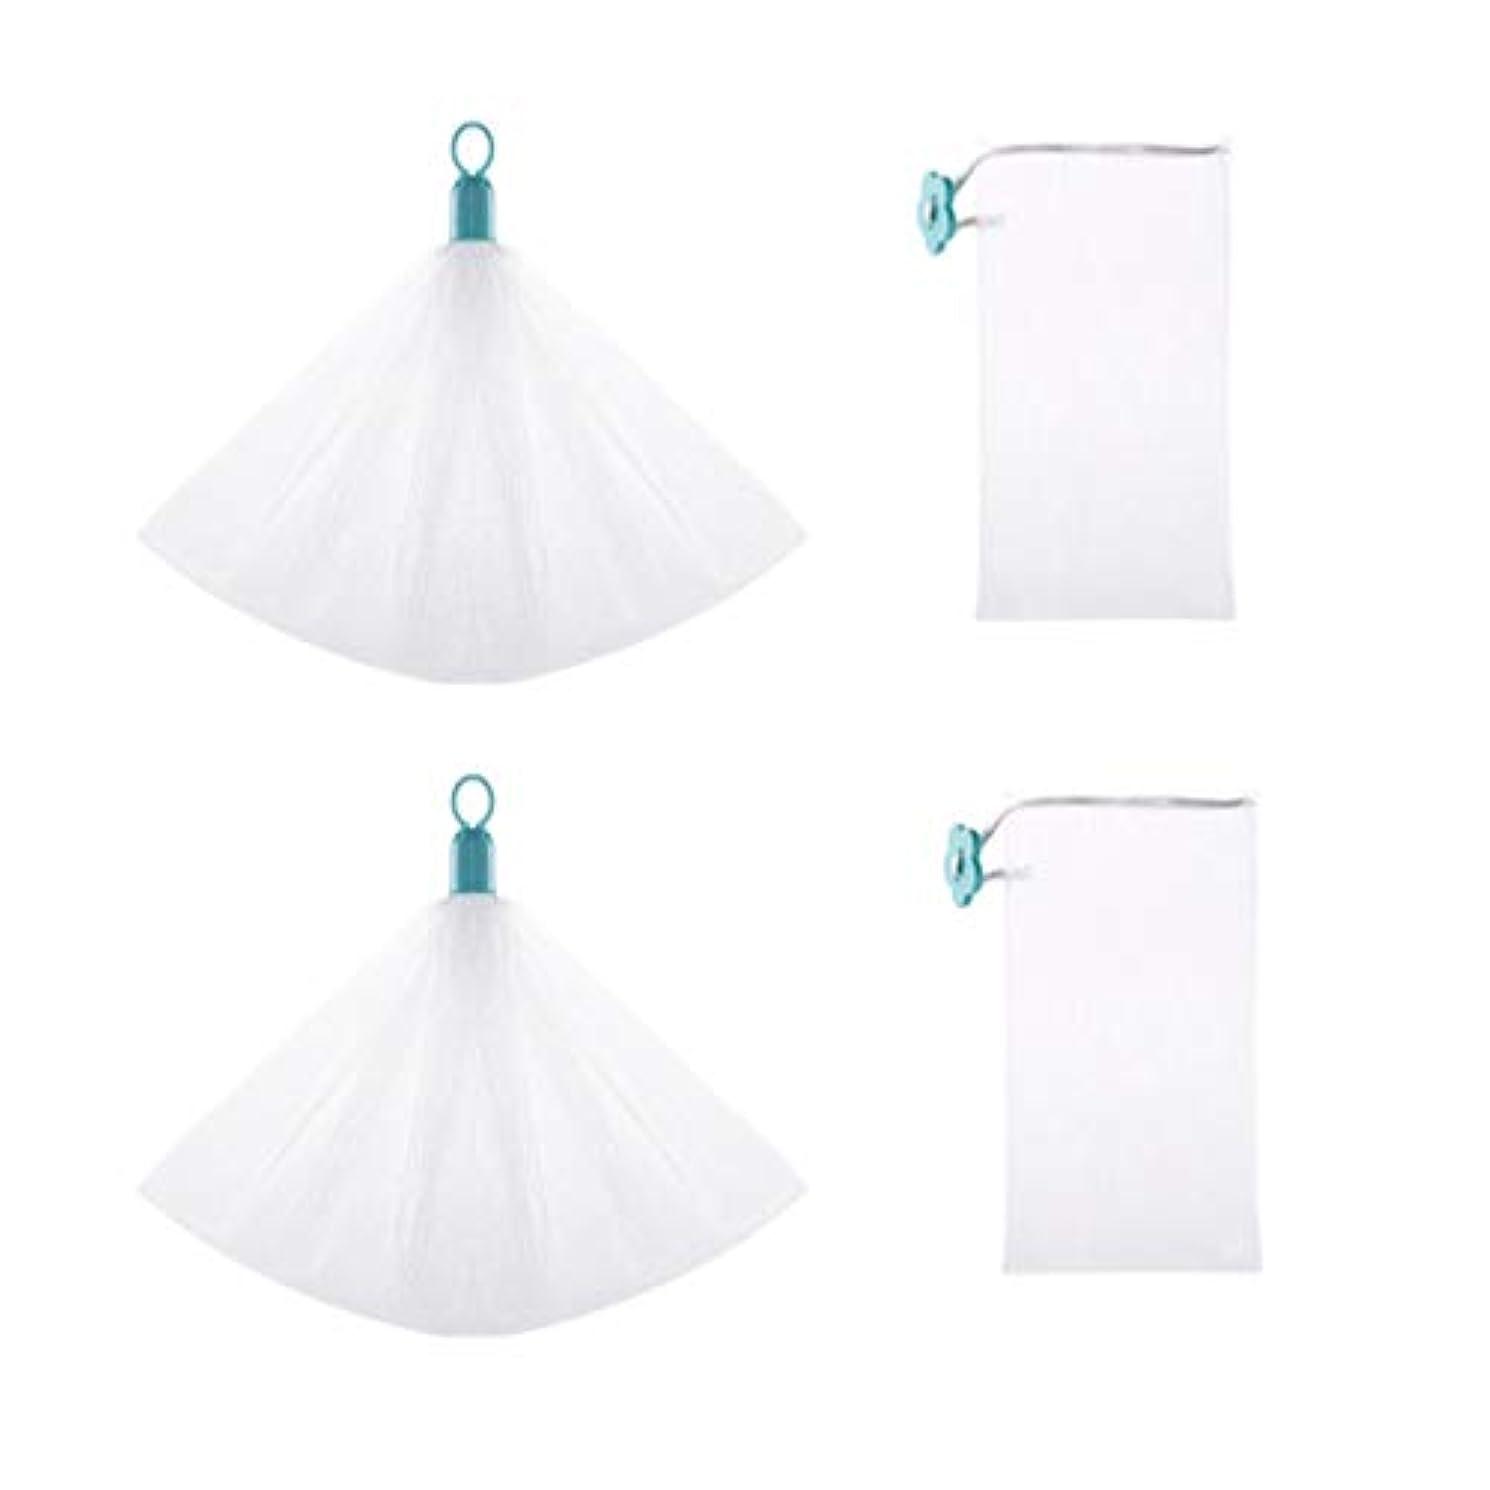 実質的にそして船員Minkissy 4個ソープセーバーバッグ巾着ソープバッグ再利用可能な角質除去石鹸ポーチクリーニングシャワー用